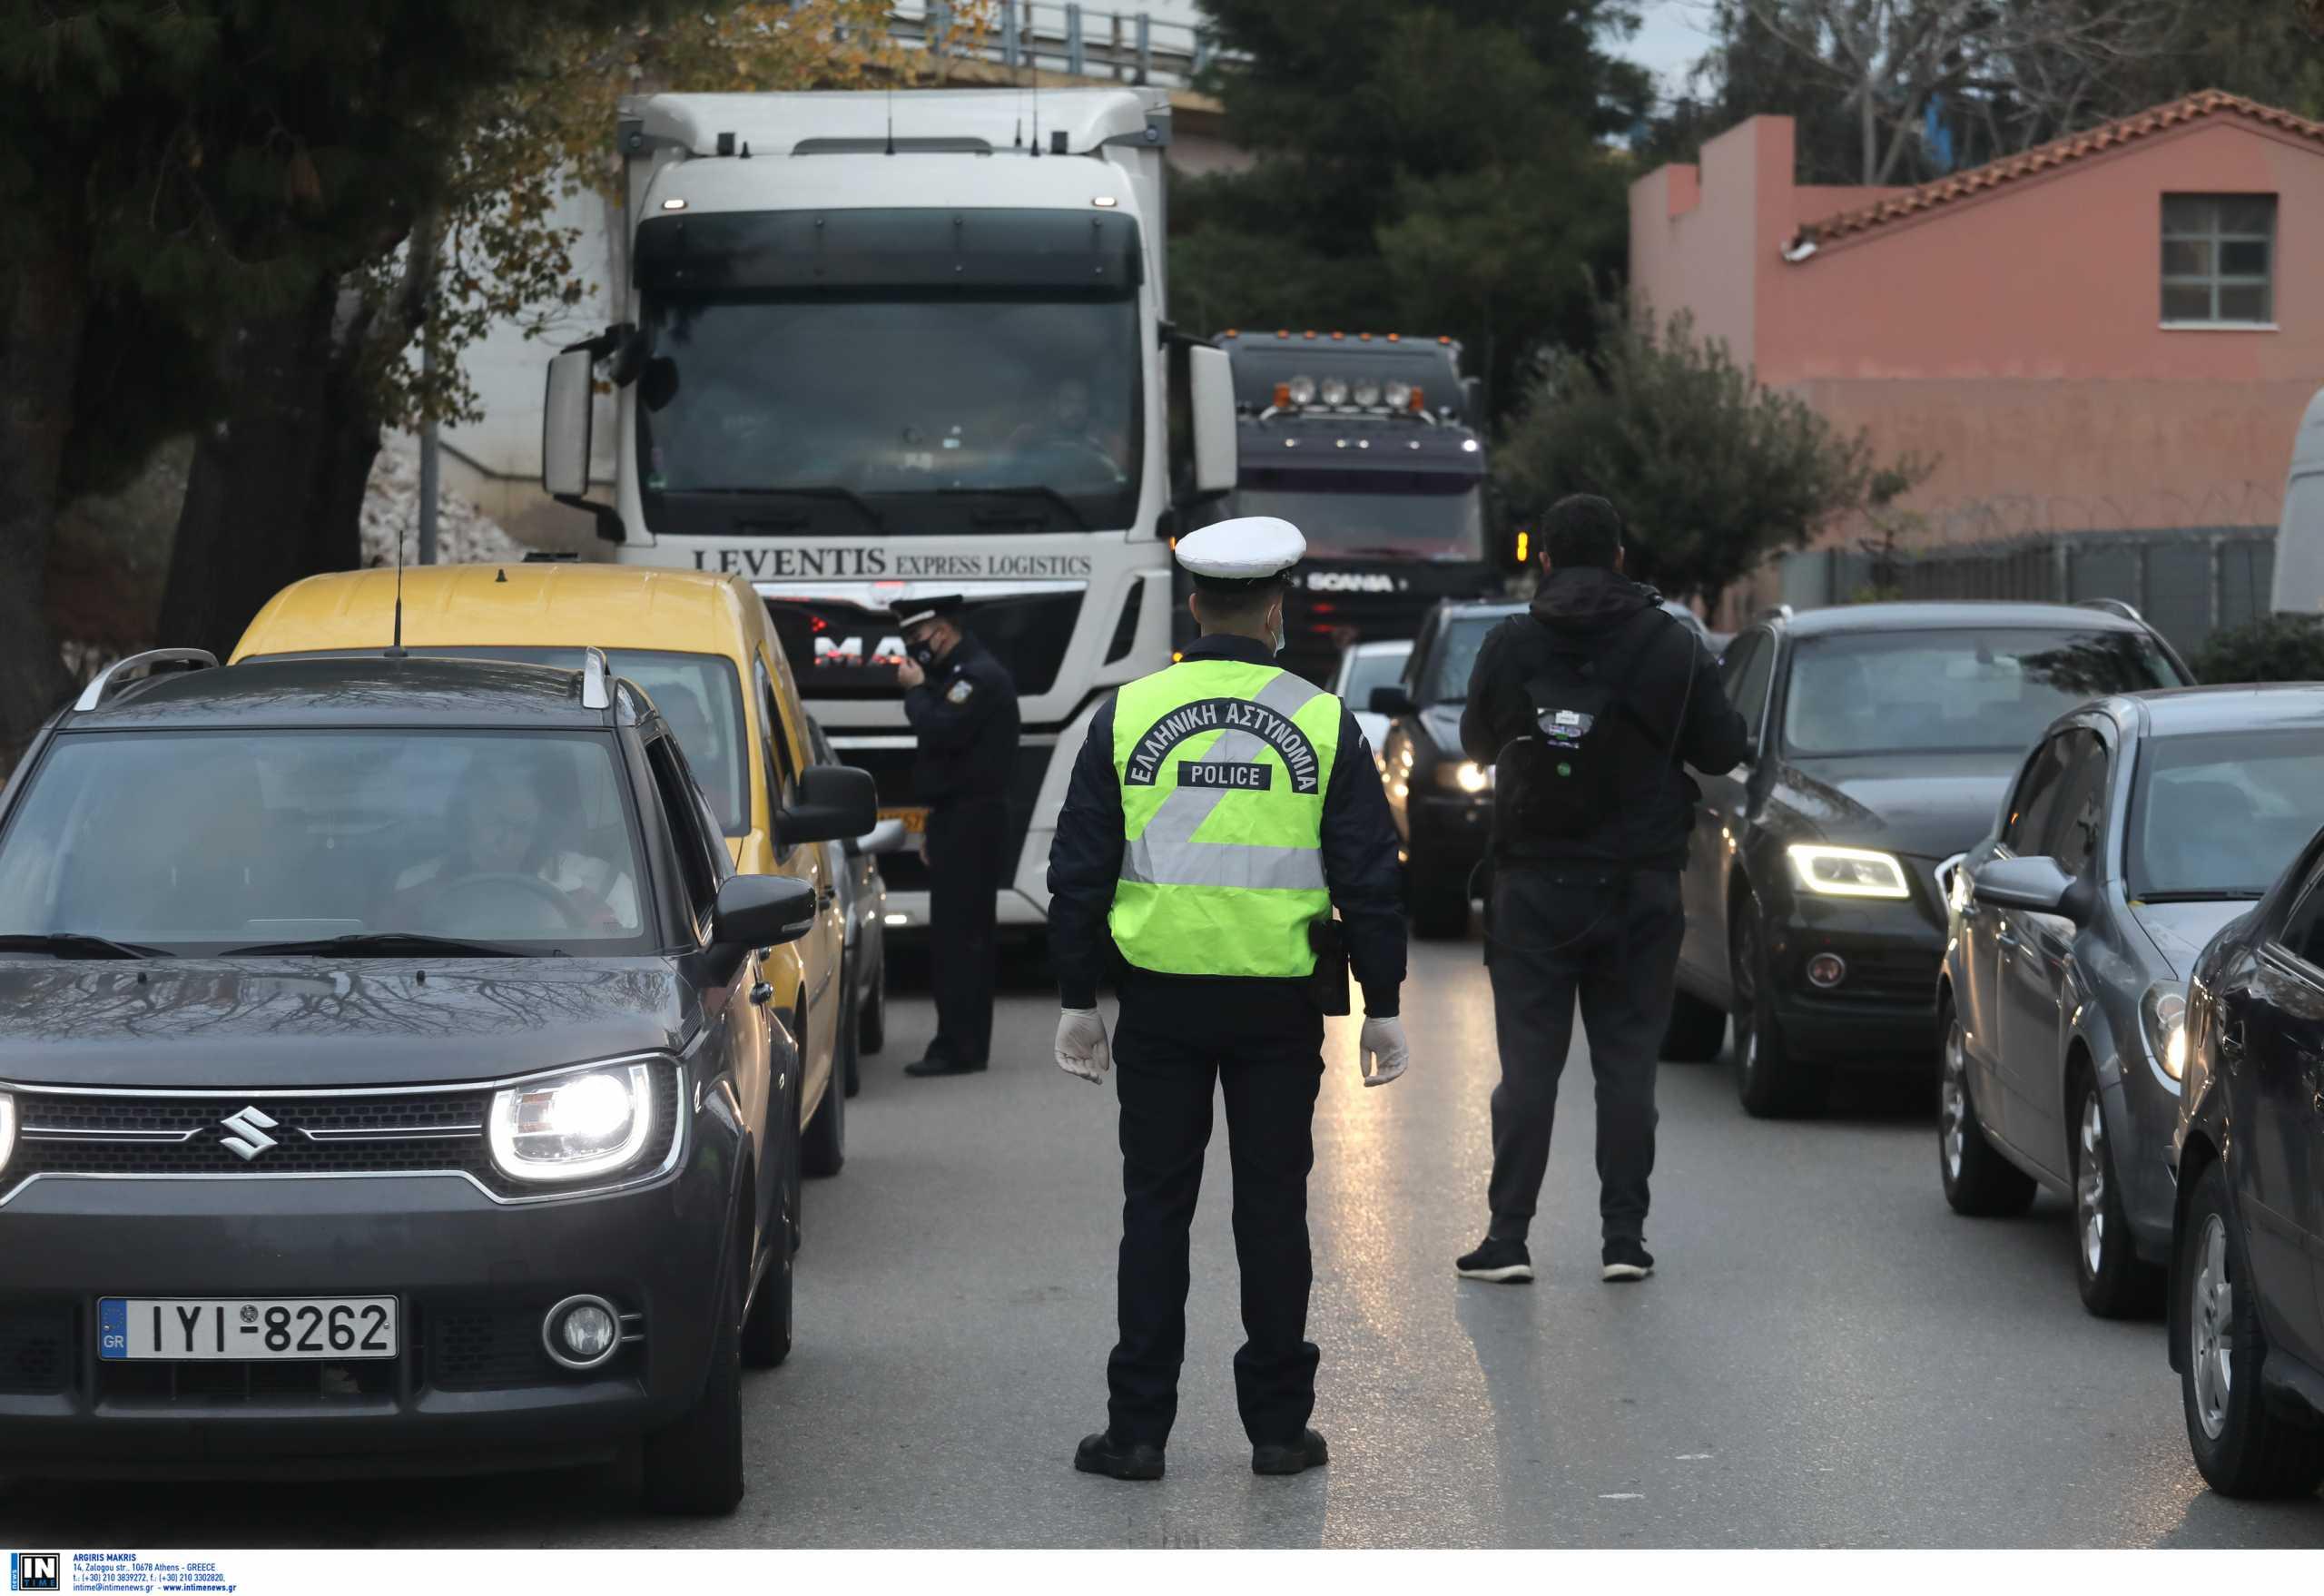 Αστυνομία παντού στη Δυττική Αττική: ΟΠΚΕ, ΔΙΑΣ, Τροχαία και περιπολικά που καλούν τον κόσμο να μείνει σπίτι (pics)